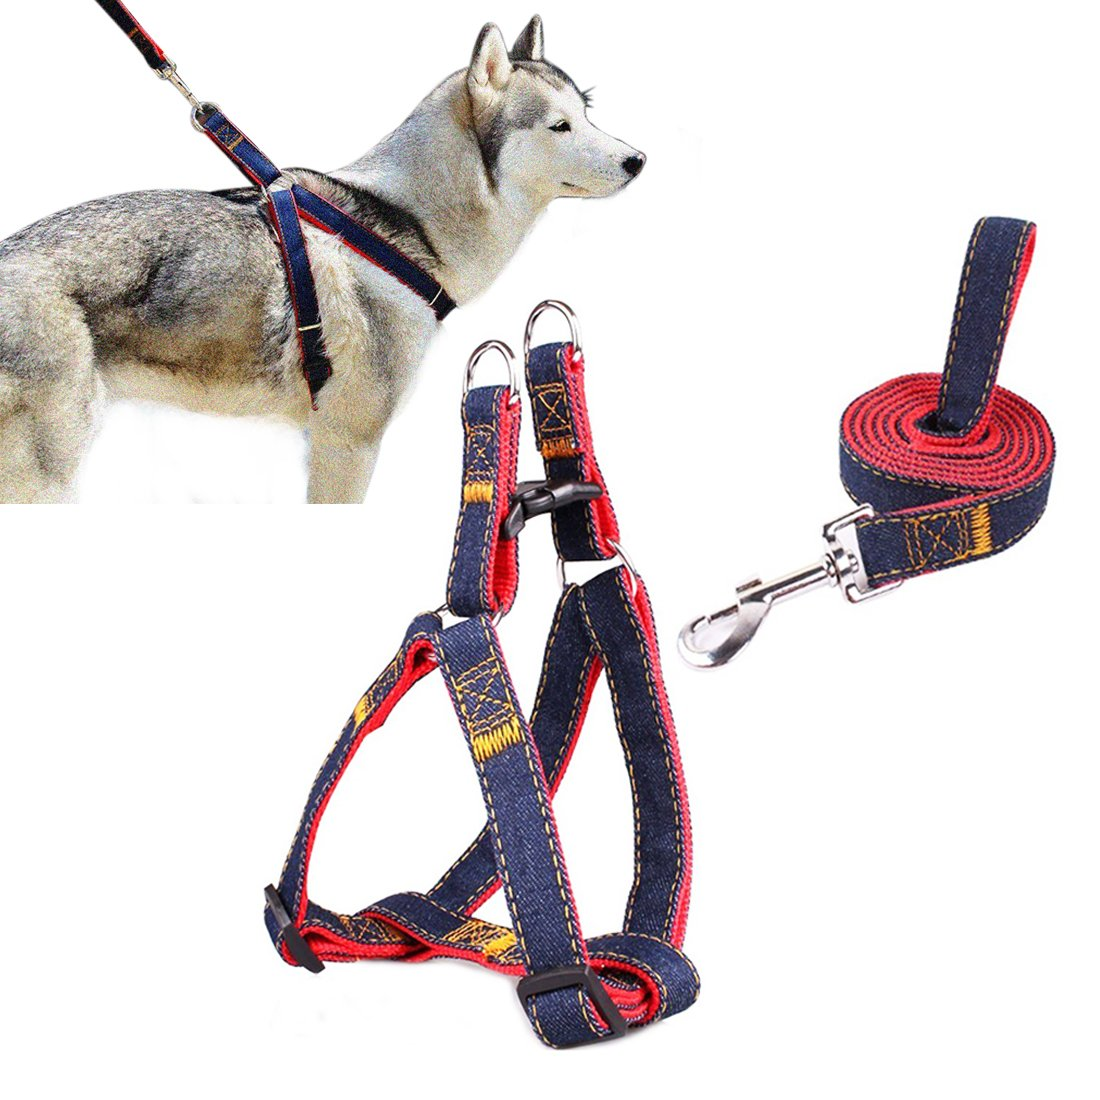 PET harnais% 2CAM que le champ El Jean chien conduit pas-pull chien / chat laisse avec boucles rapides sécurité harnais chien cowboy chaîne sangle pour corde (rouge, M) BUYBOE LEAGUE